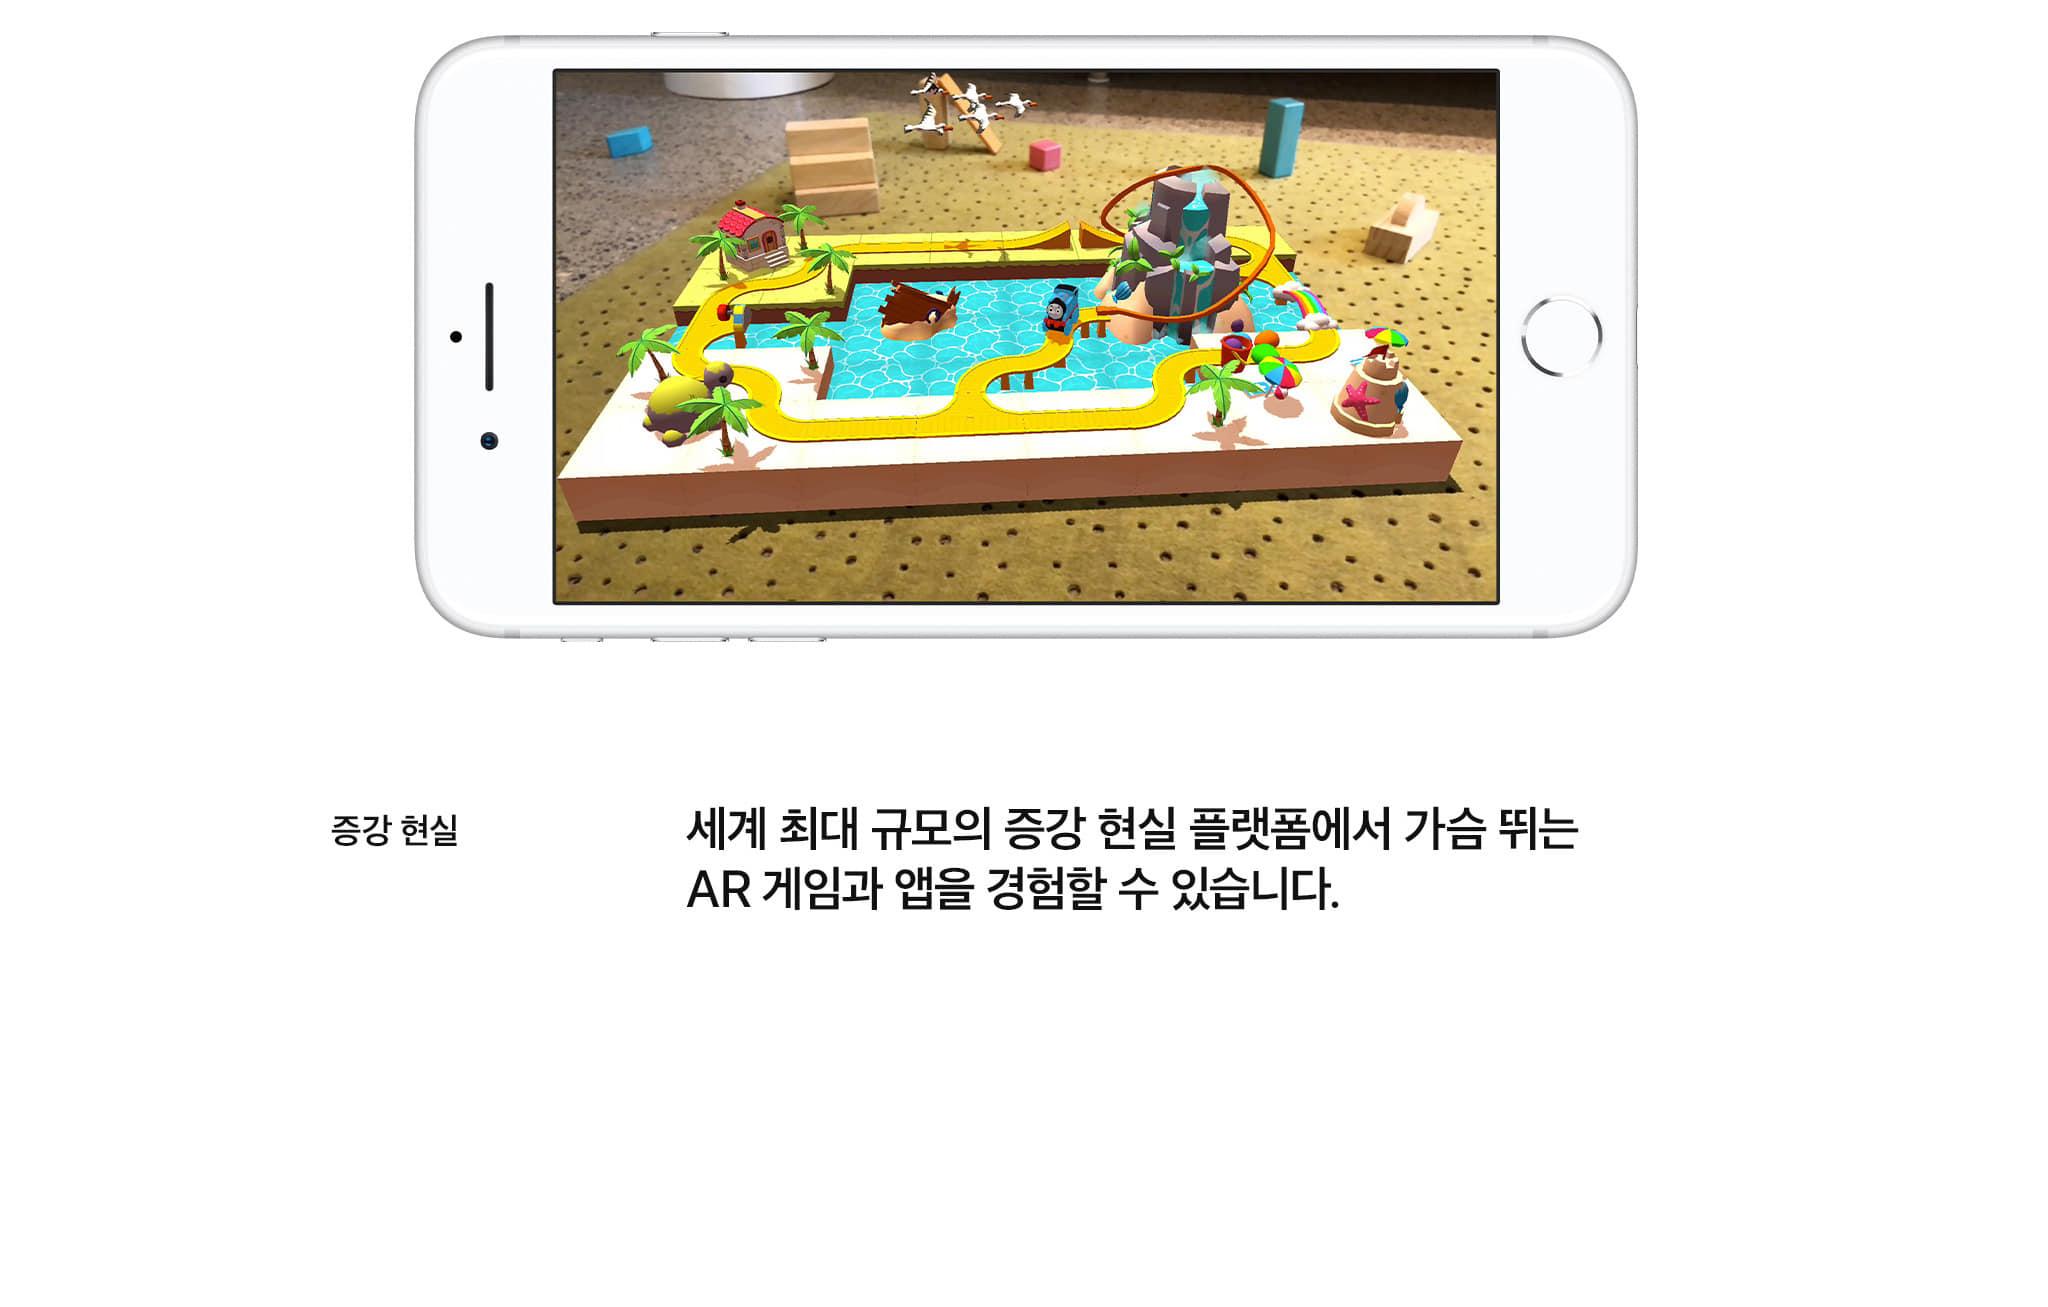 증강 현실 세계 최대 규모의 증강 현실 플랫폼에서 가슴뛰는 ar 게임과 앱을 경험할수있습니다.